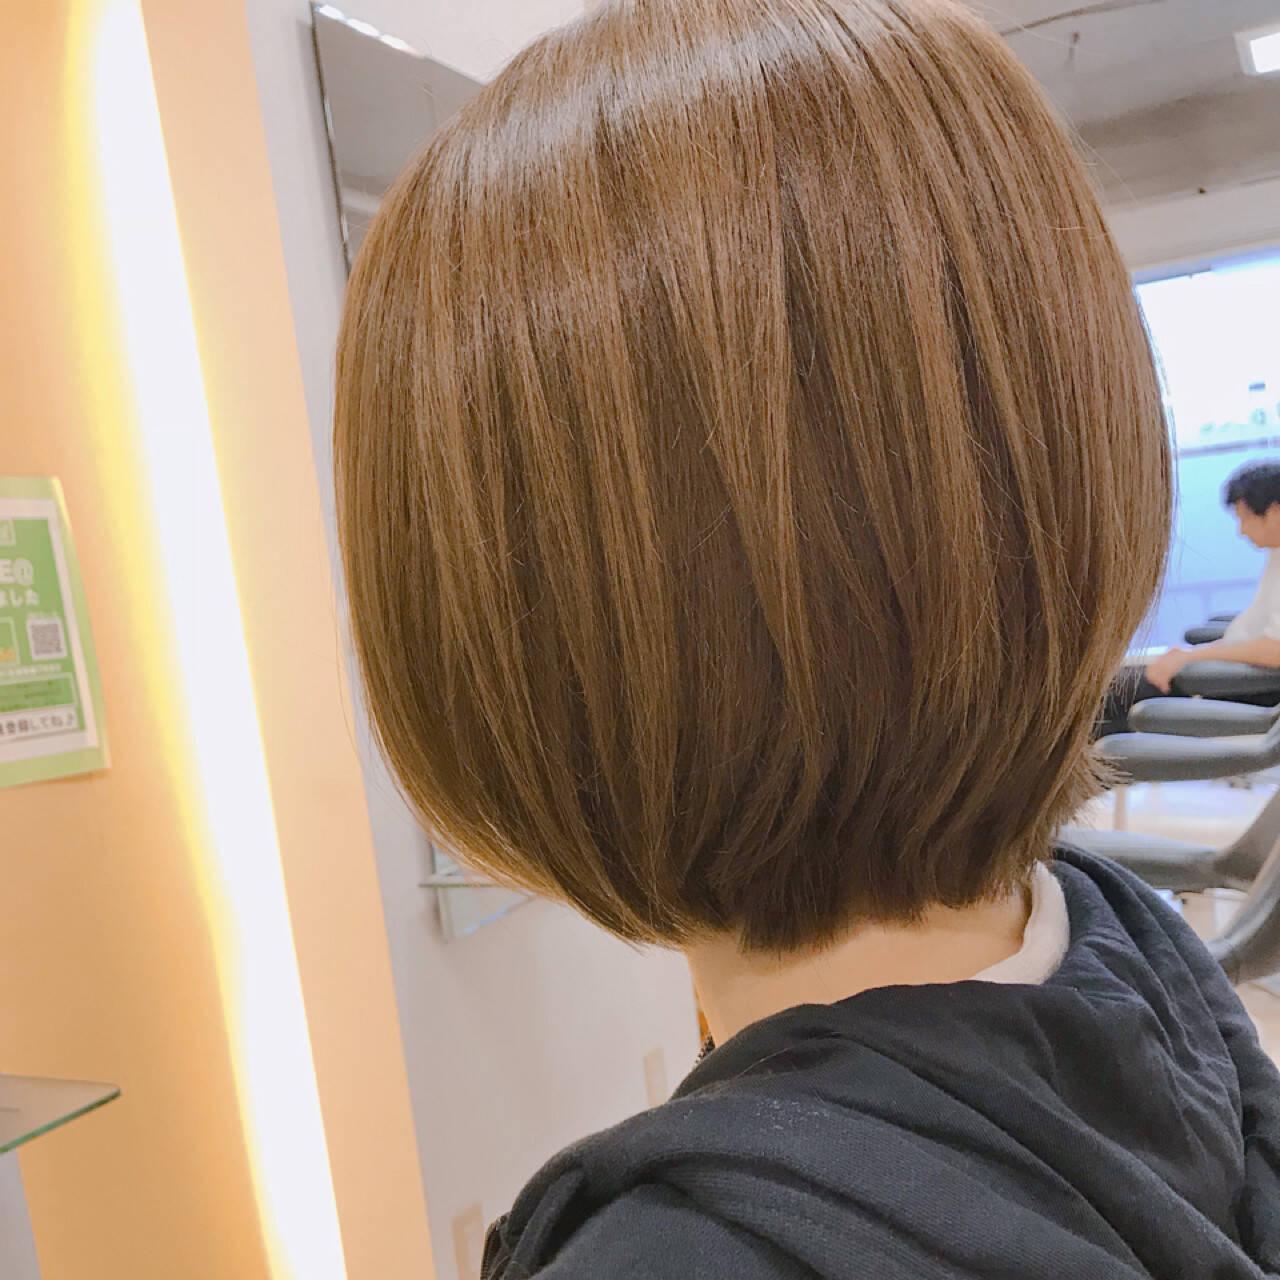 パーティ ナチュラル デート オフィスヘアスタイルや髪型の写真・画像